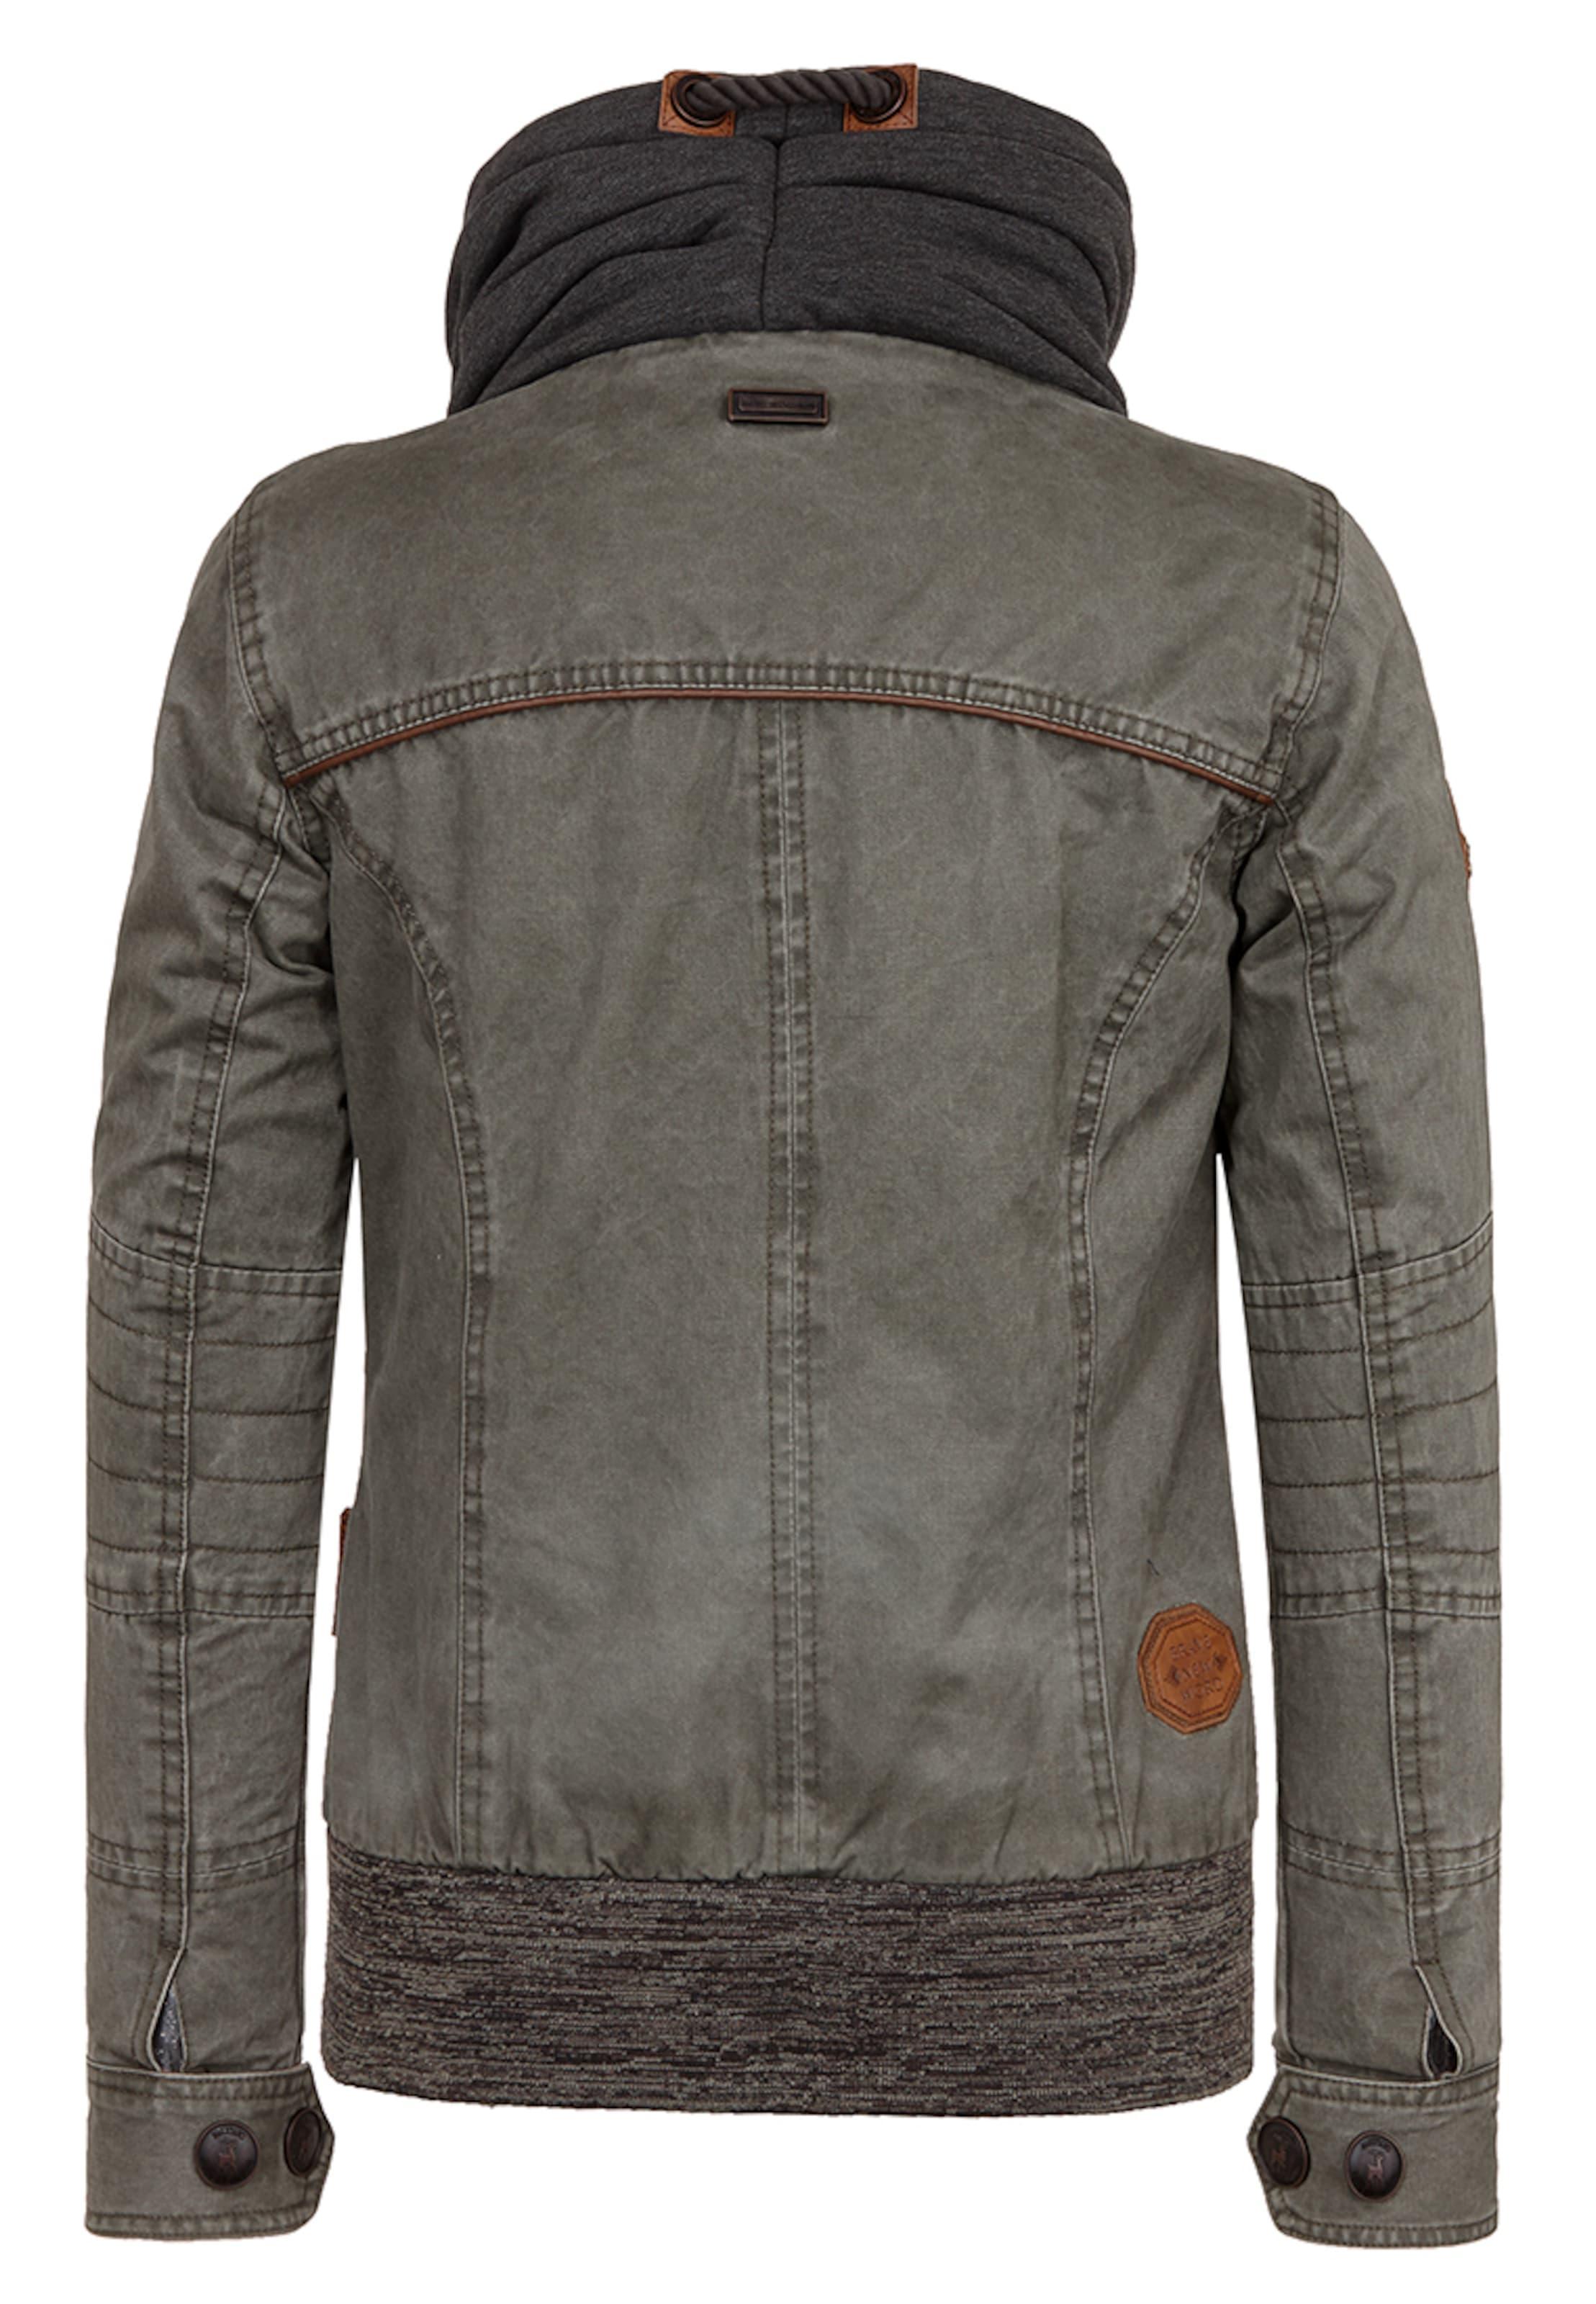 Neu Zu Verkaufen Spielraum Shop naketano Jacket Billig Verkauf Sast Günstige Manchester-Großer Verkauf Finish Günstiger Preis sZD0dTf